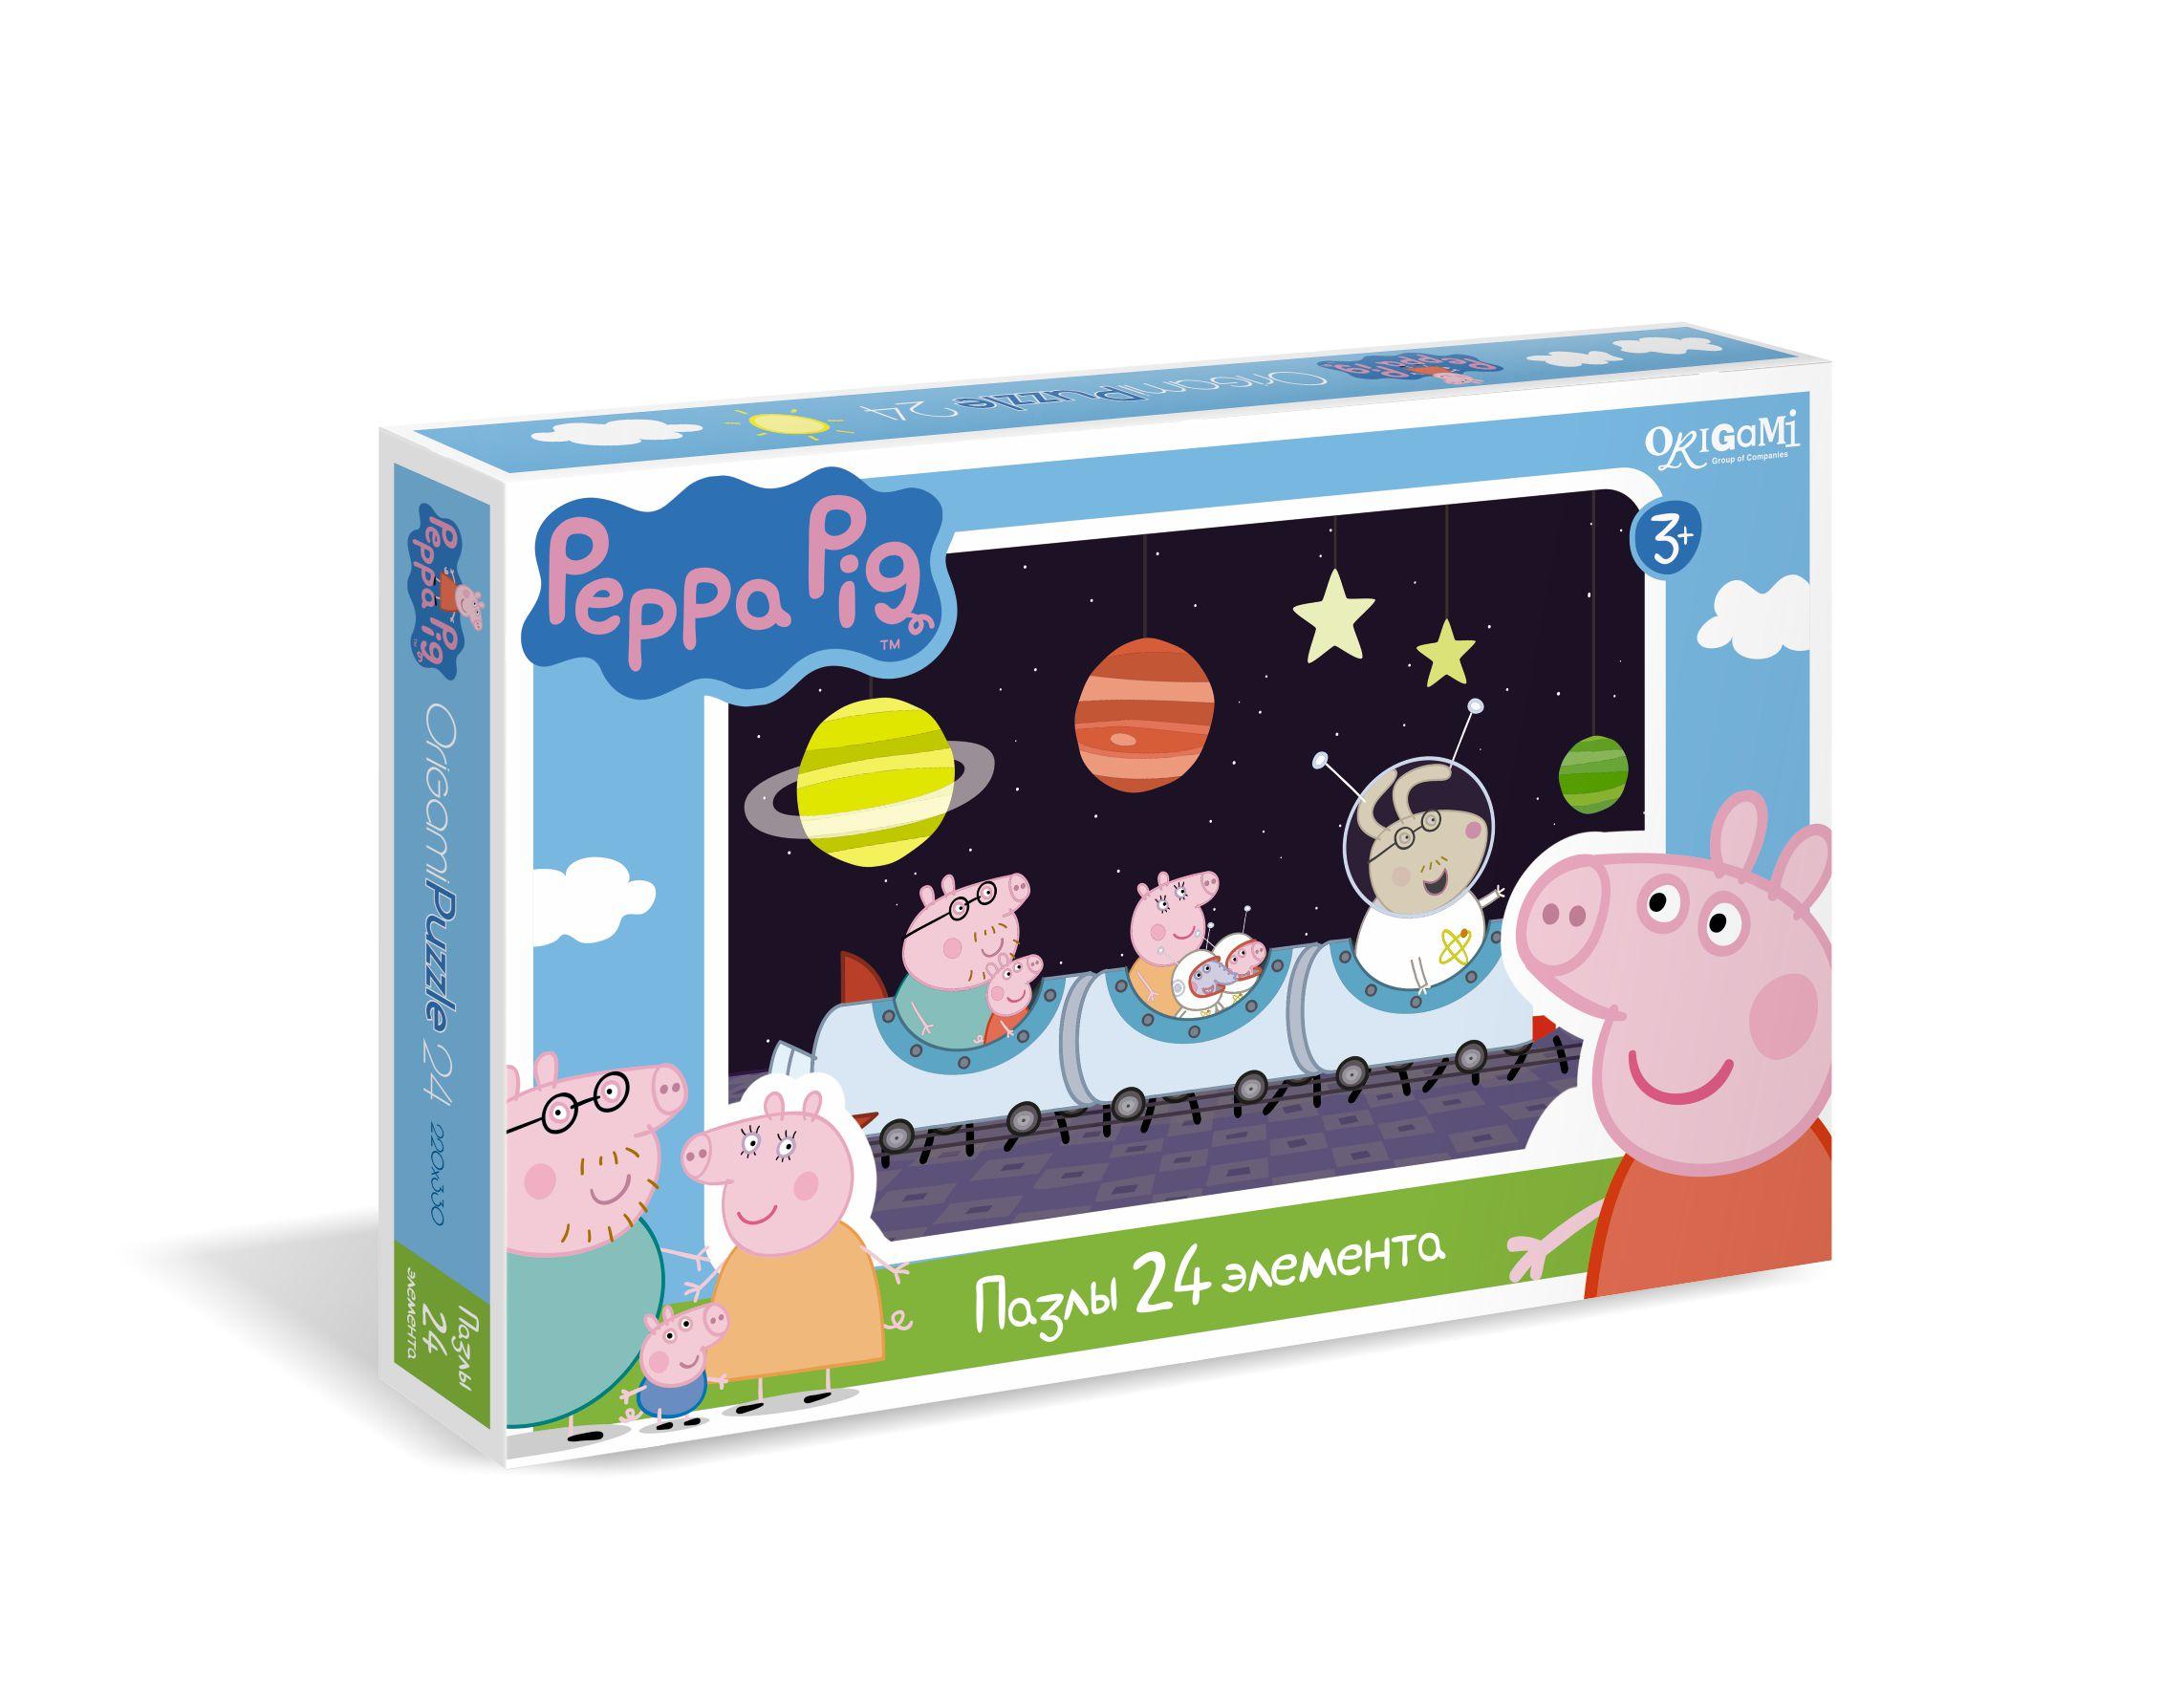 Пазл 24 Origami Maxi 01568 Peppa Pig Полет в космос